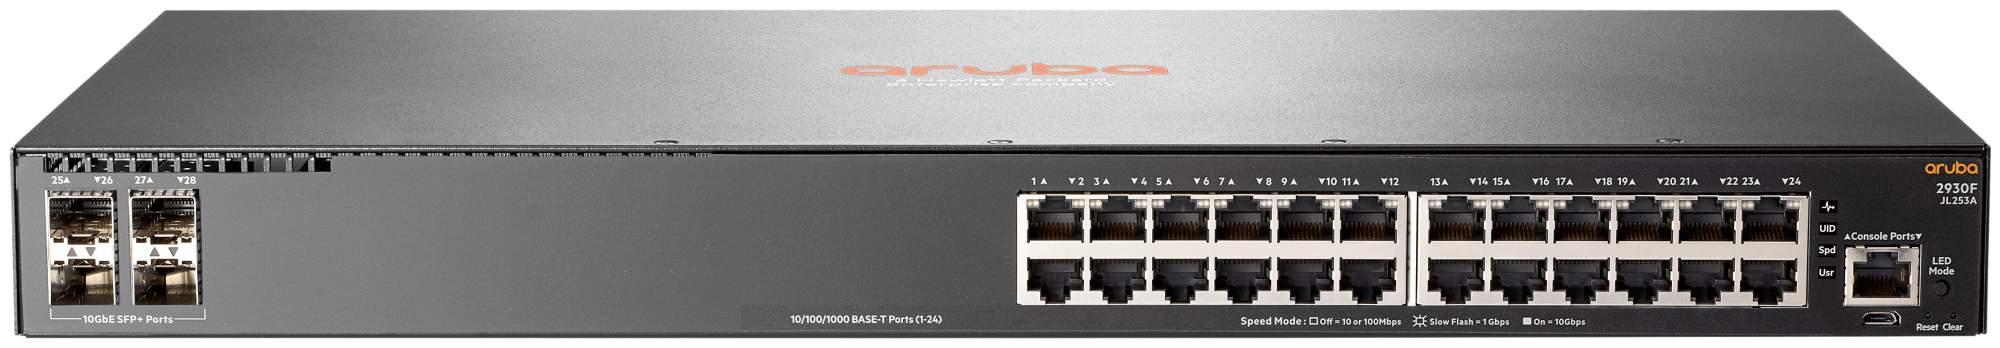 Коммутатор HP Aruba 2930F JL253A Черный